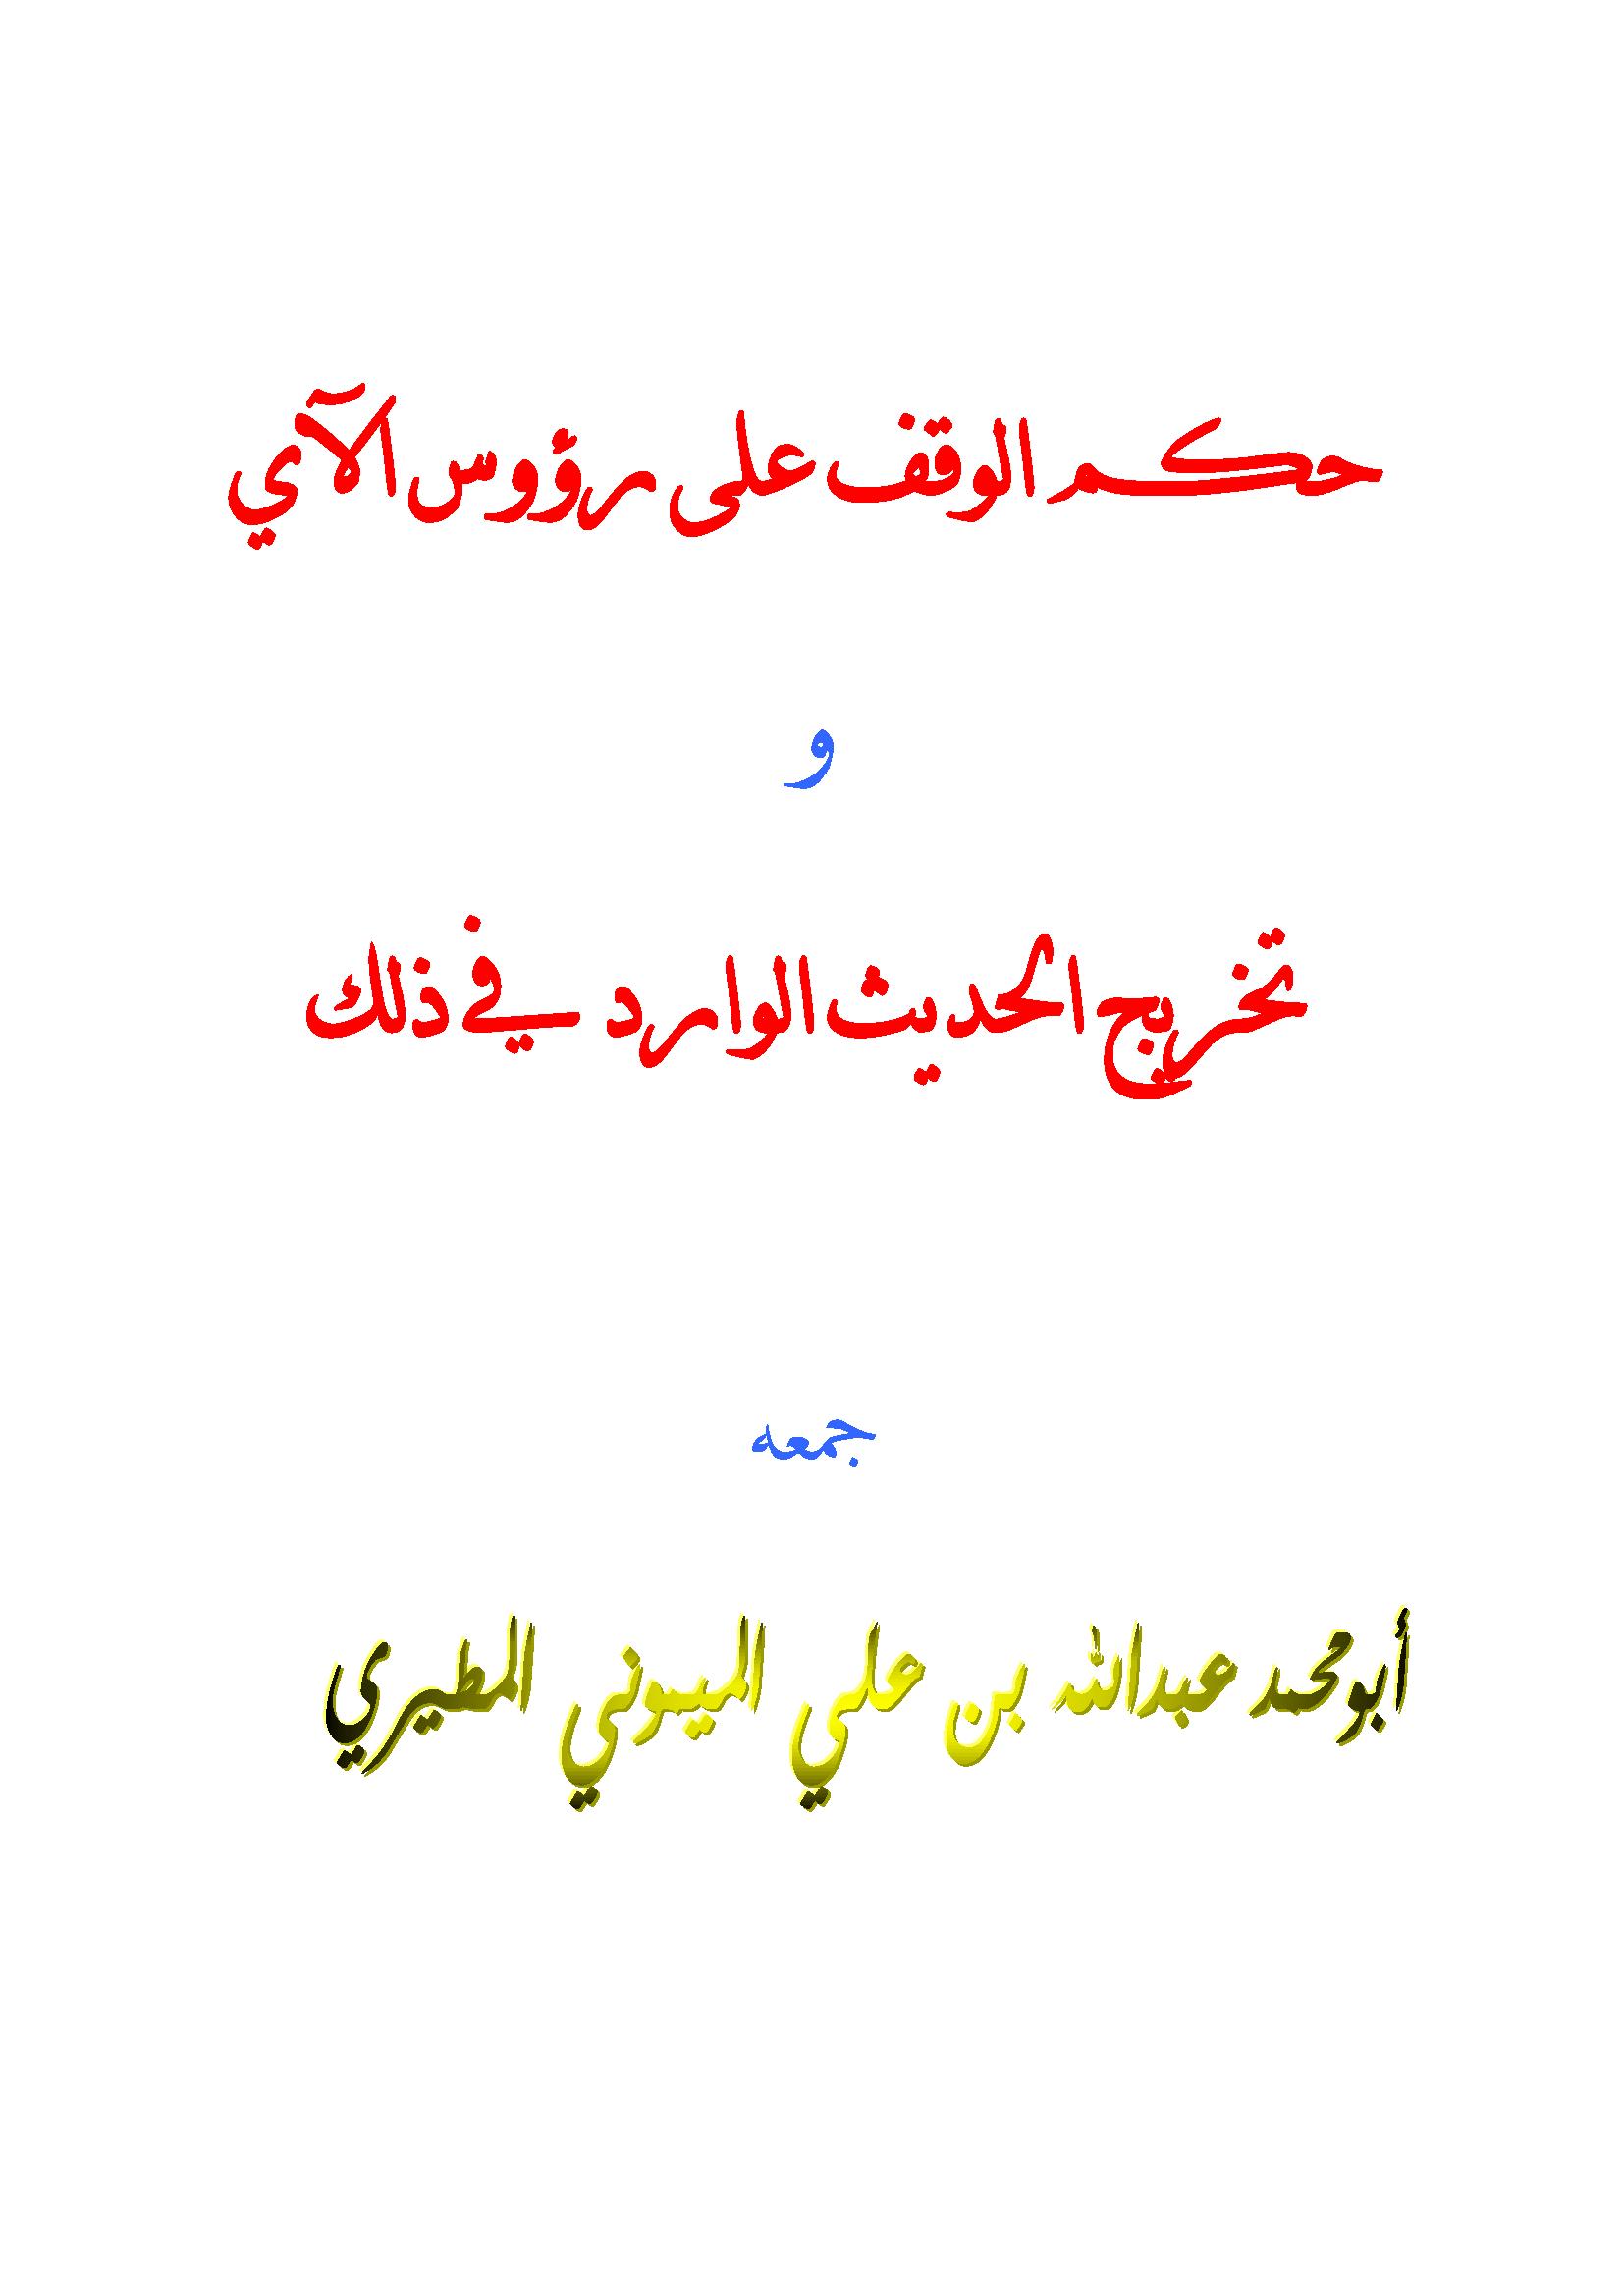 تحميل كتاب حكم الوقف على رؤوس الآي وتخريج الحديث الوارد في ذلك لـِ: أبو محمد عبد الله بن علي الميموني المطيري